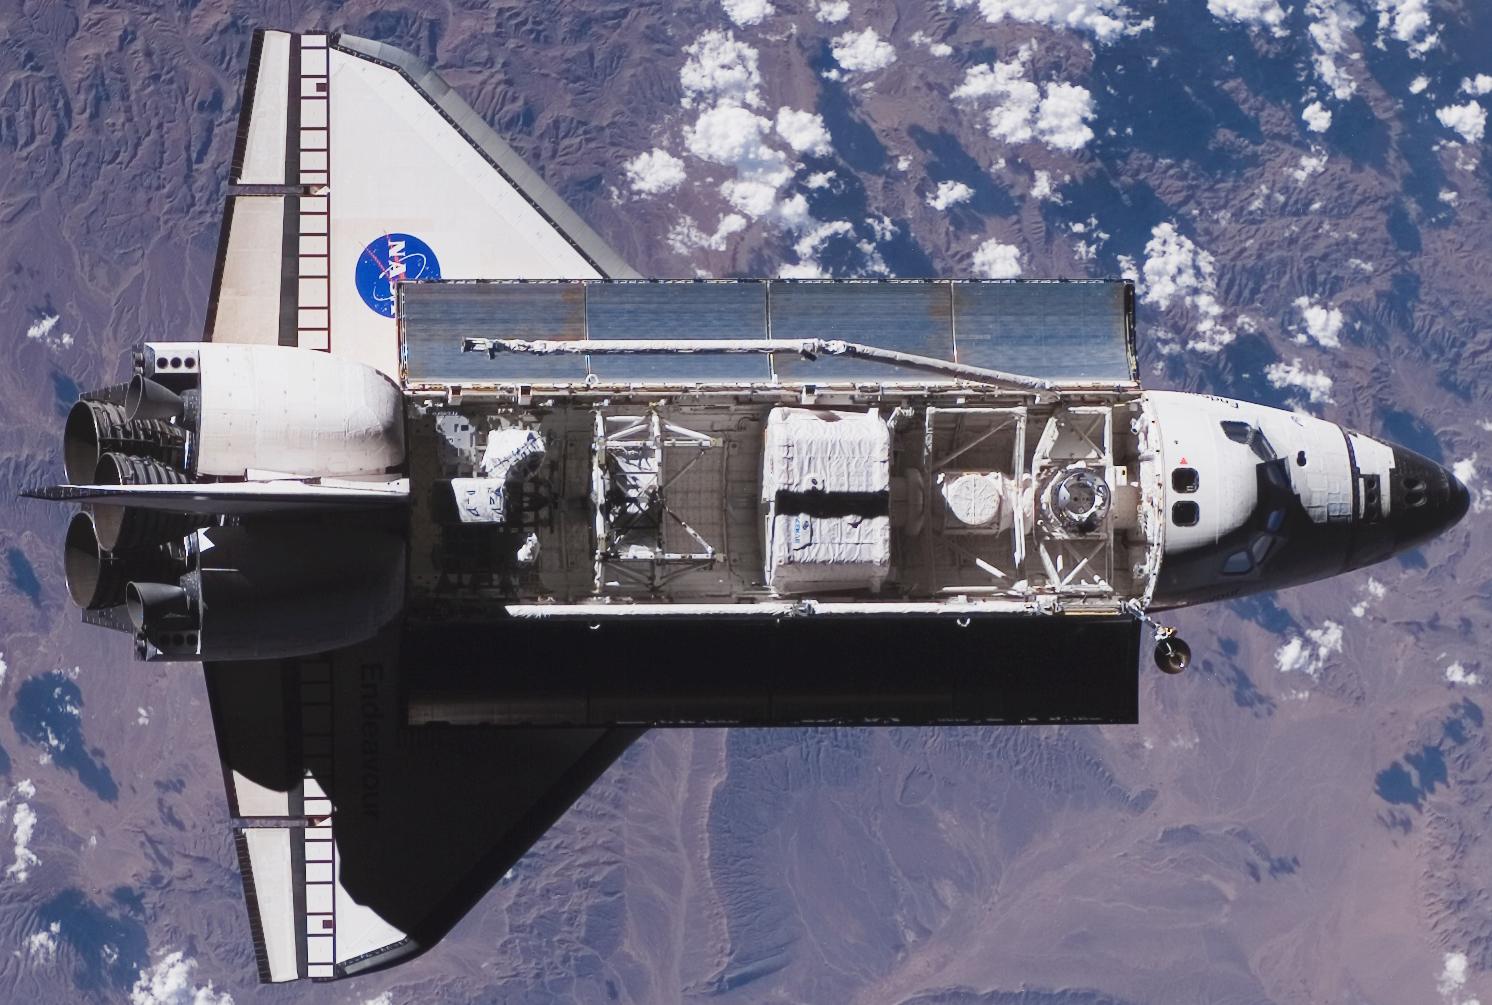 NASA Tarafından Otomotiv Endüstrisine Kazandırılmış 5 Yeniliği İnceliyoruz